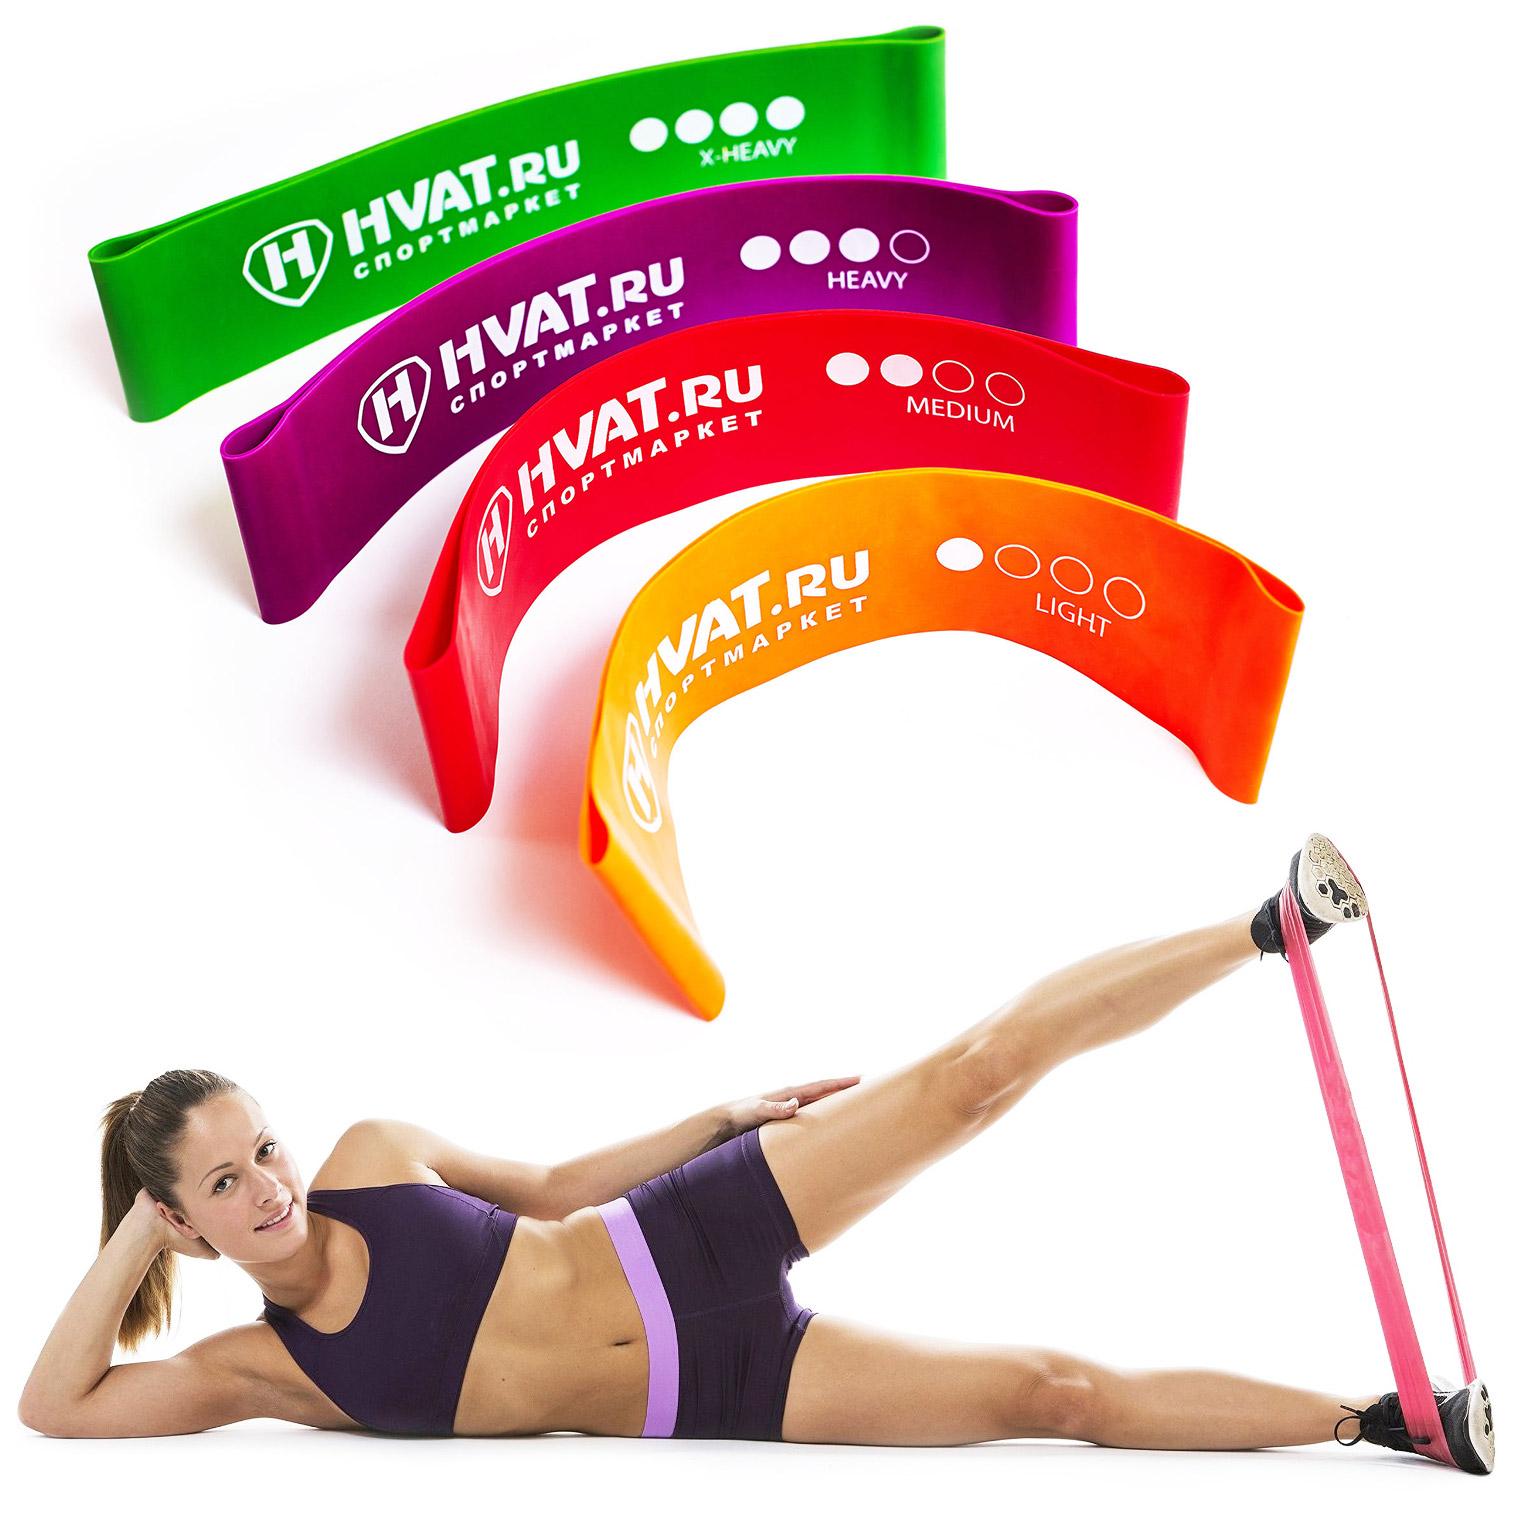 Резинки для фитнеса 5 шт. купить в Лебедяни